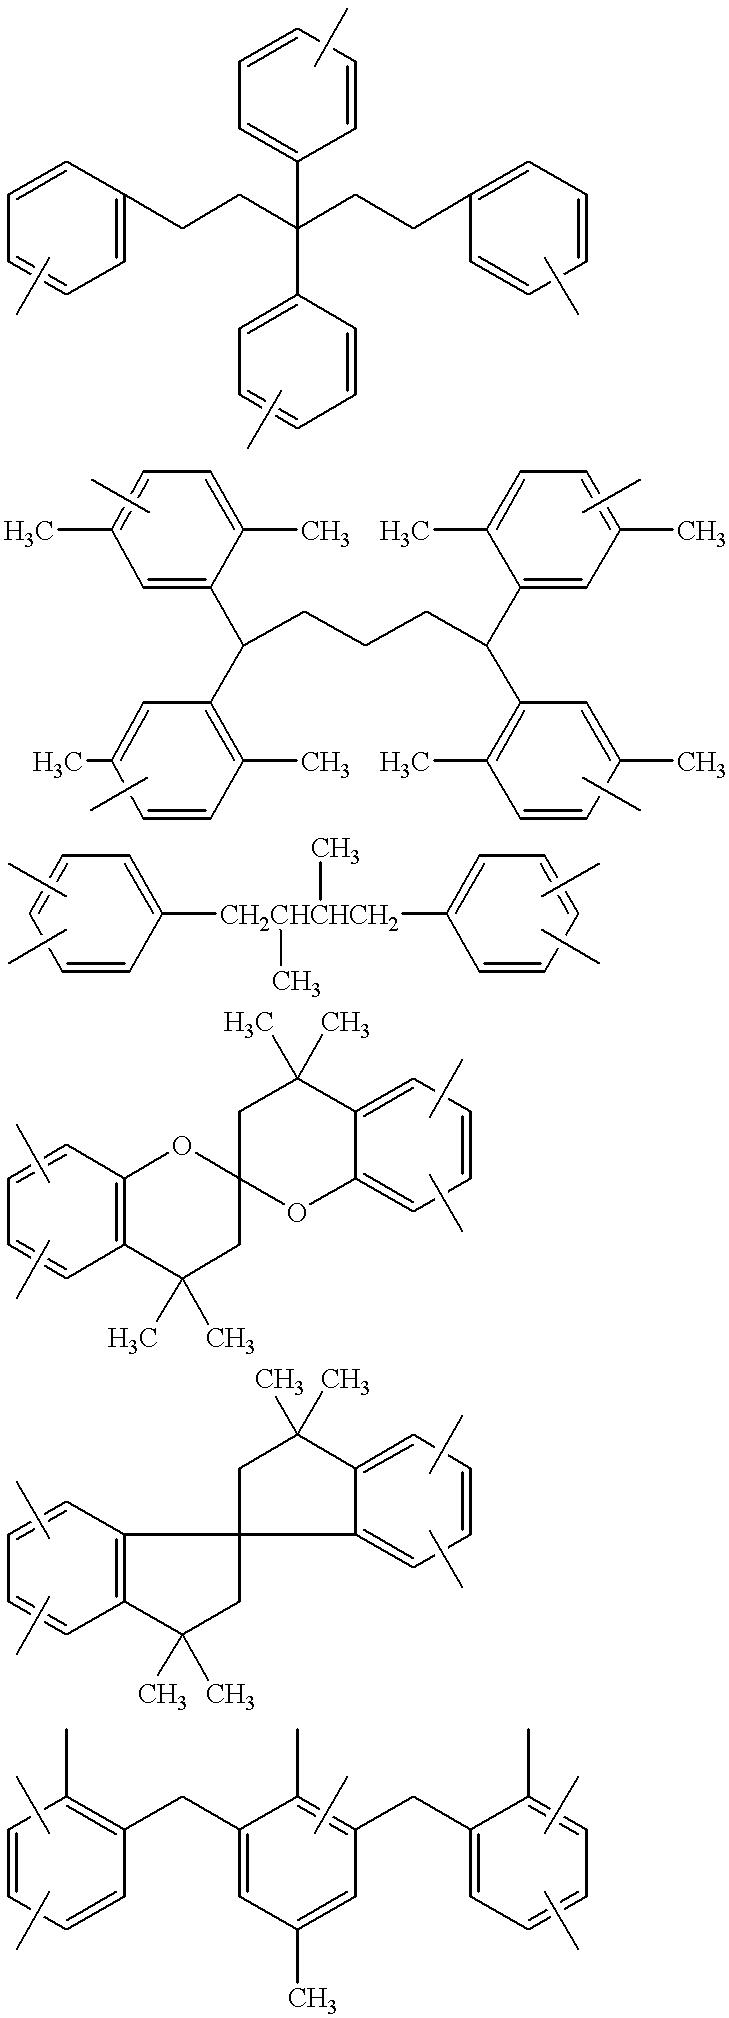 Figure US06623909-20030923-C00016